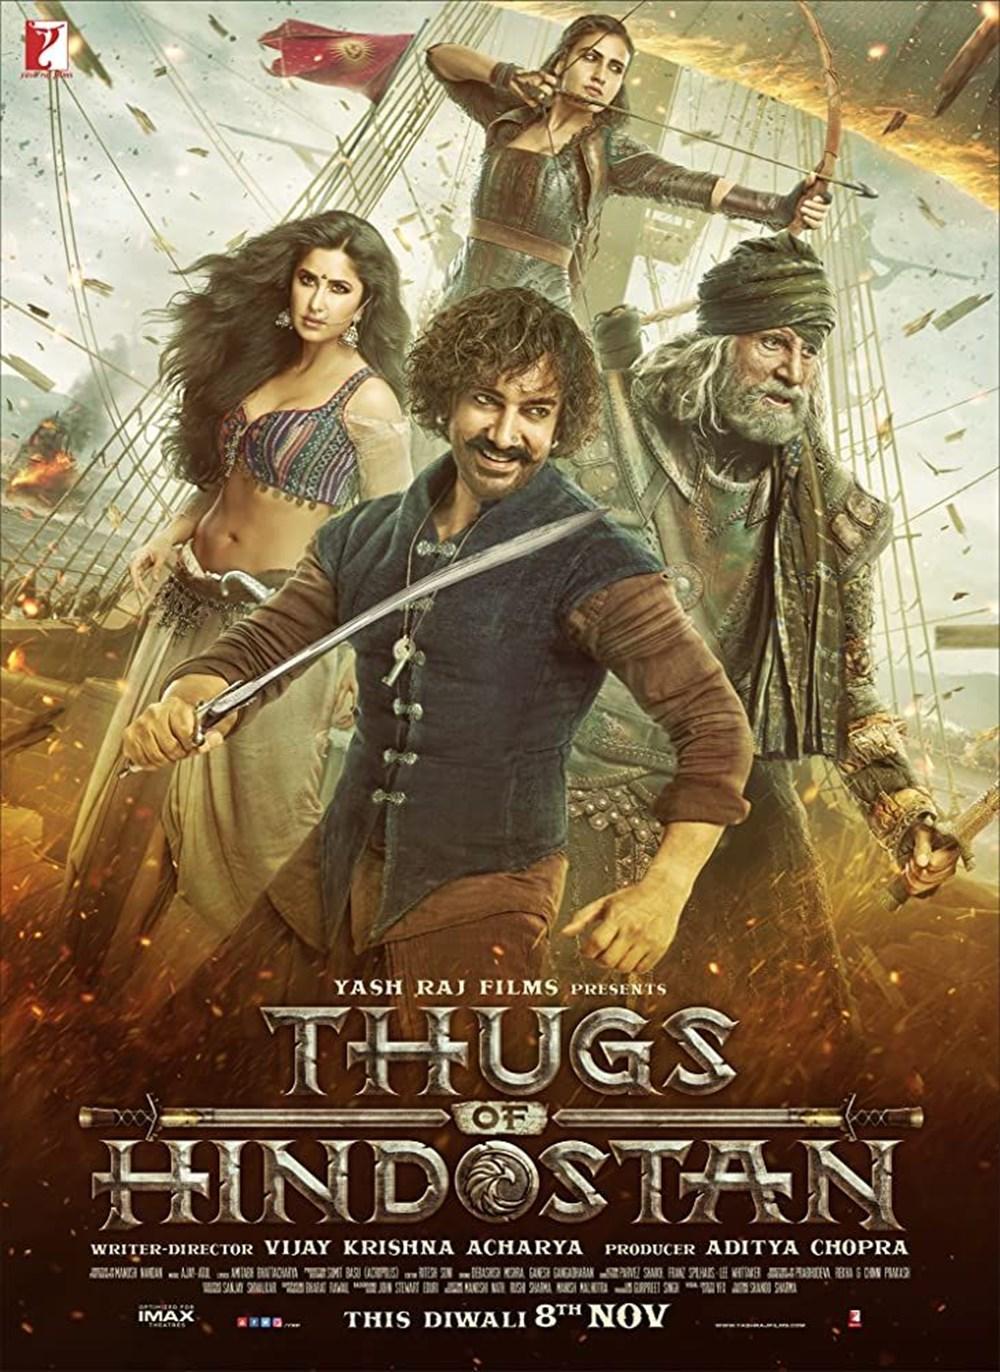 En iyi Aamir Khan filmleri (Aamir Khan'ın izlenmesi gereken filmleri) - 2